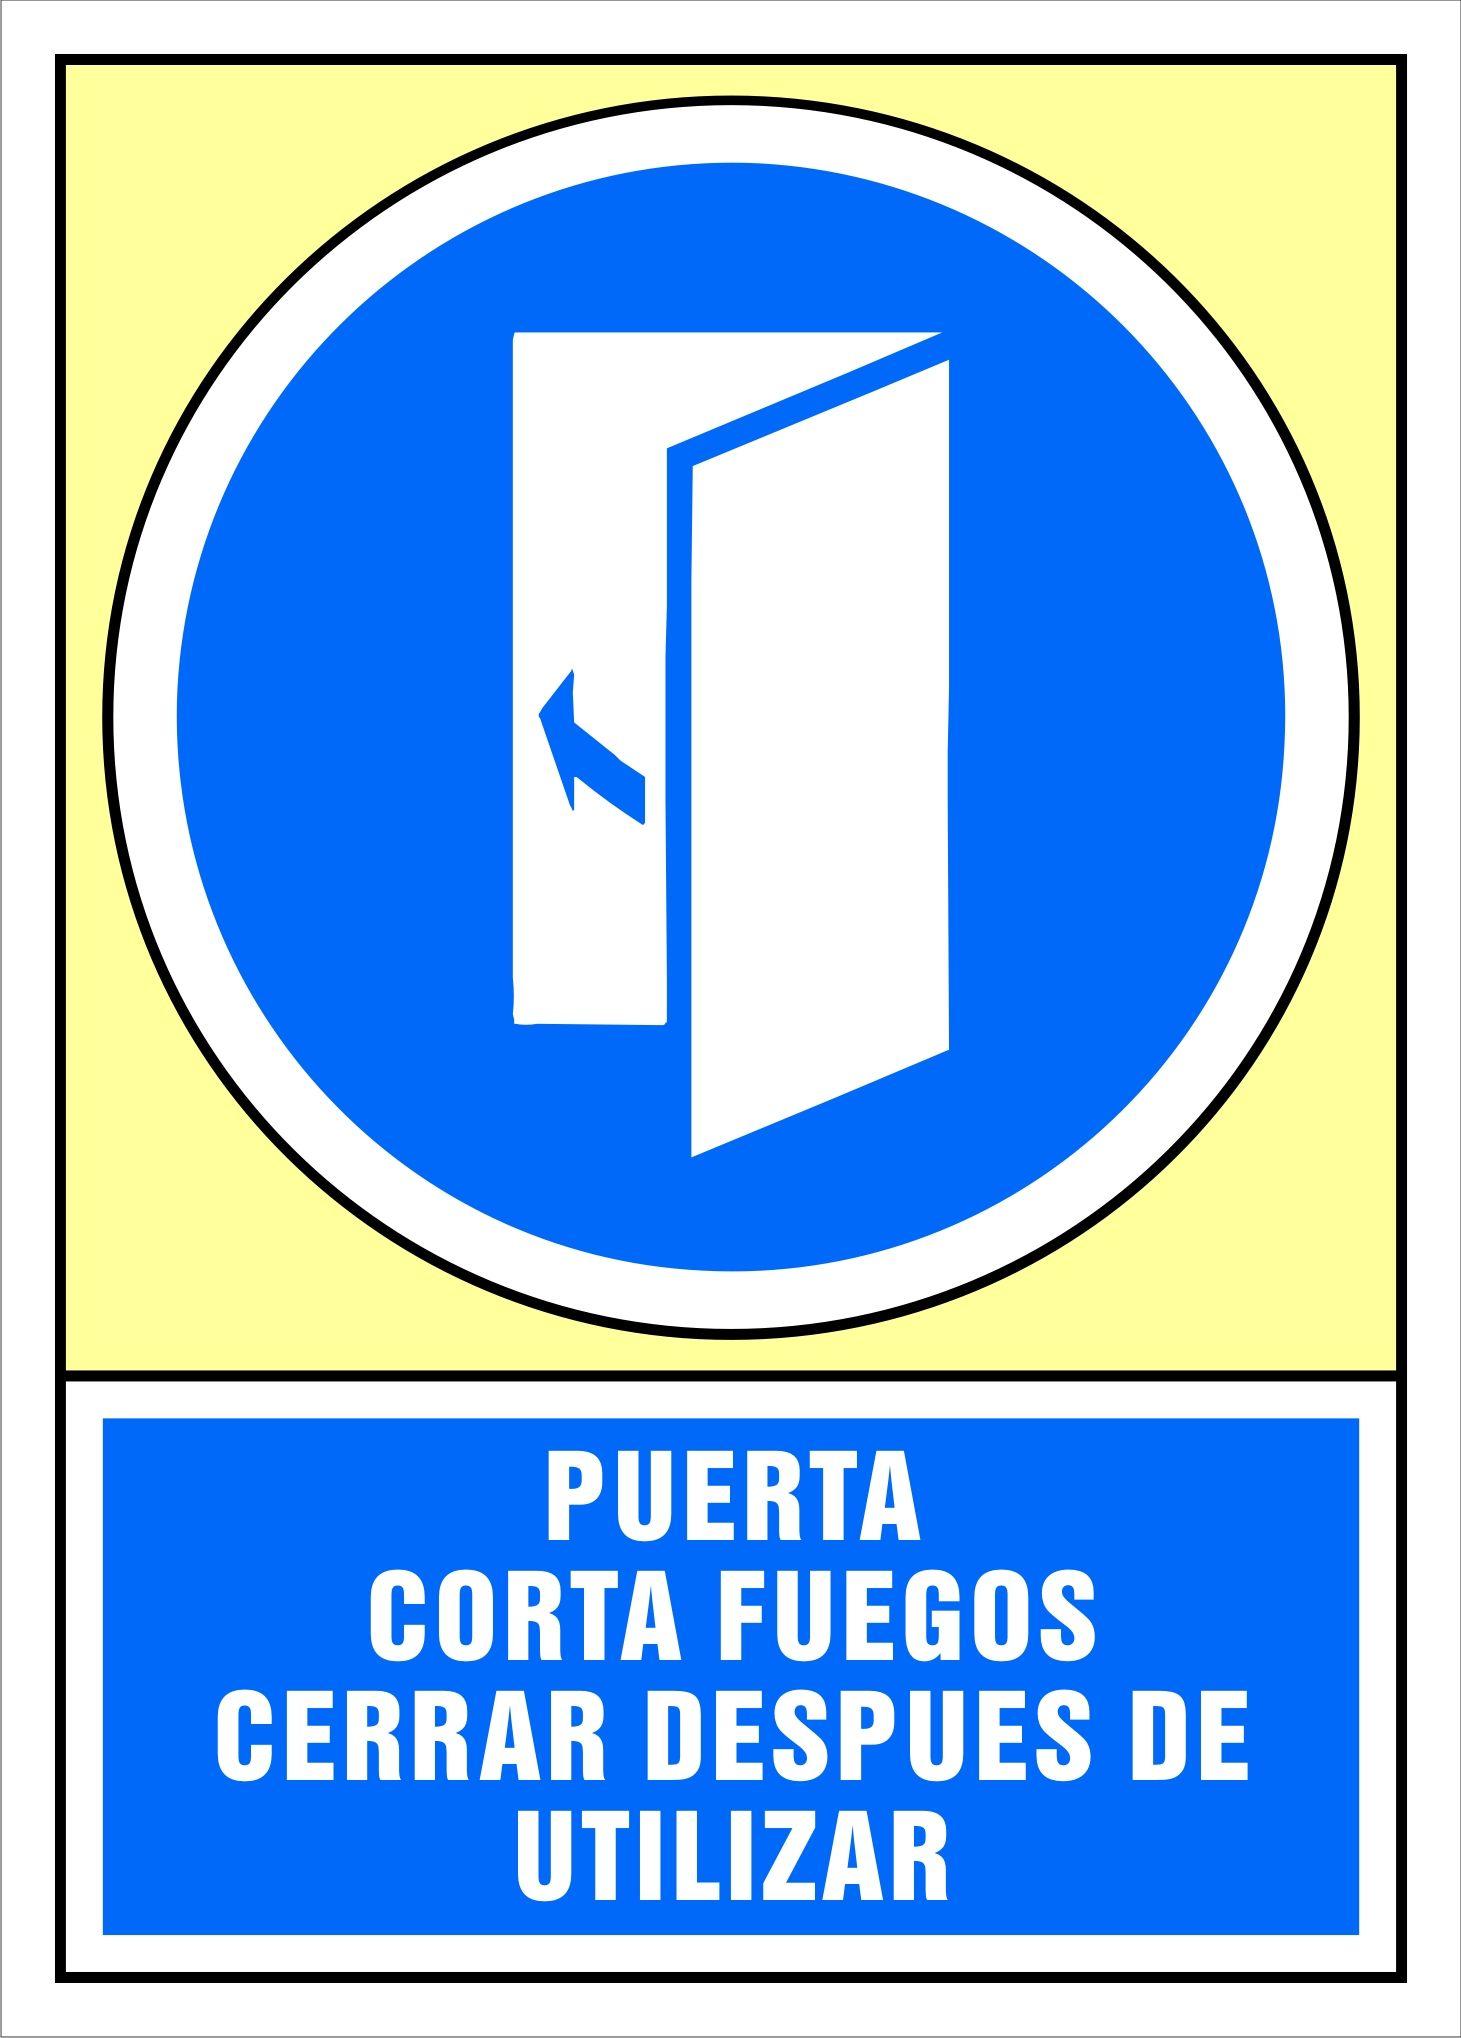 Senal Puerta Corta Fuegos Cerrar Despues De Utilizar Carteles De